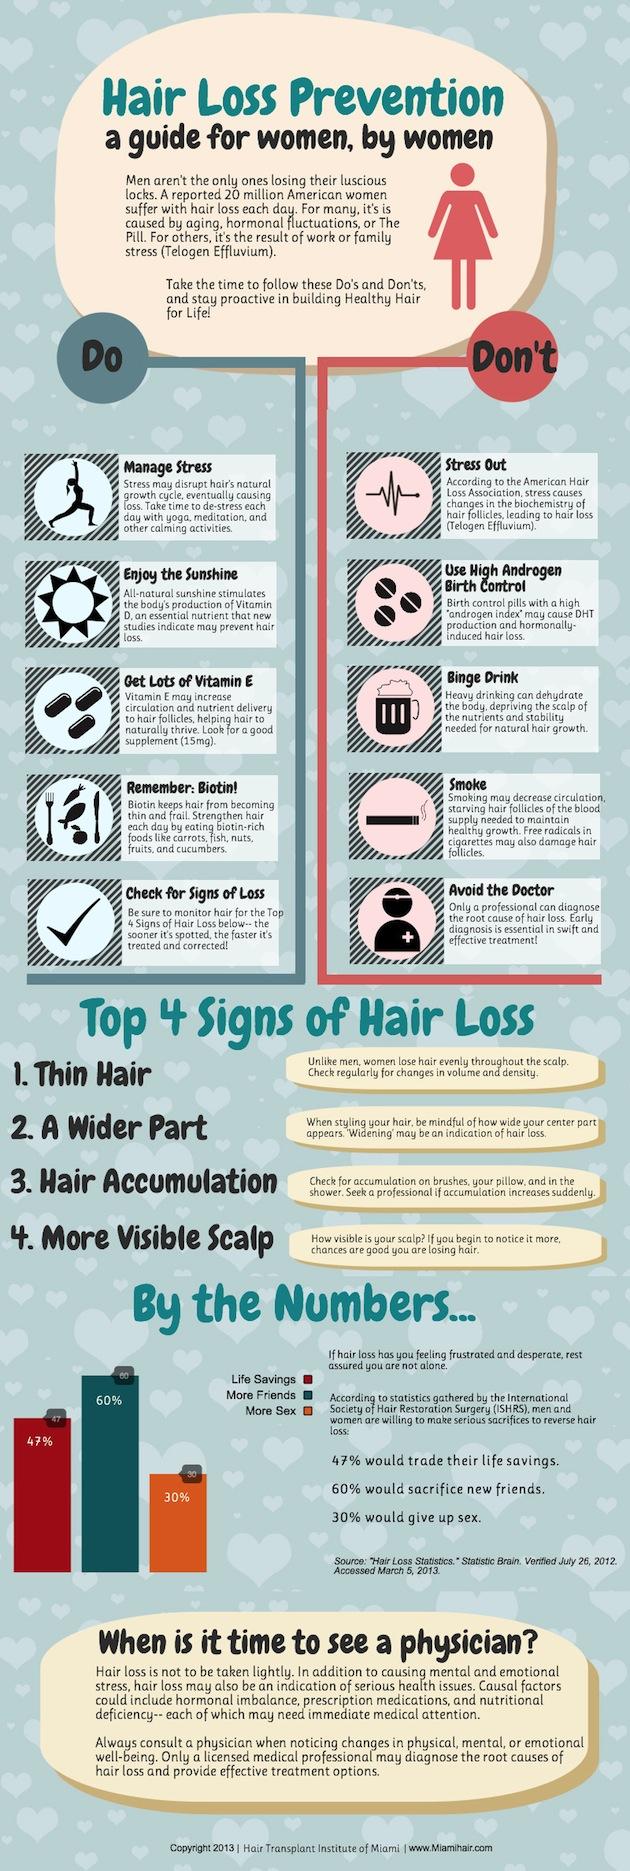 Hair Loss Prevention for Women